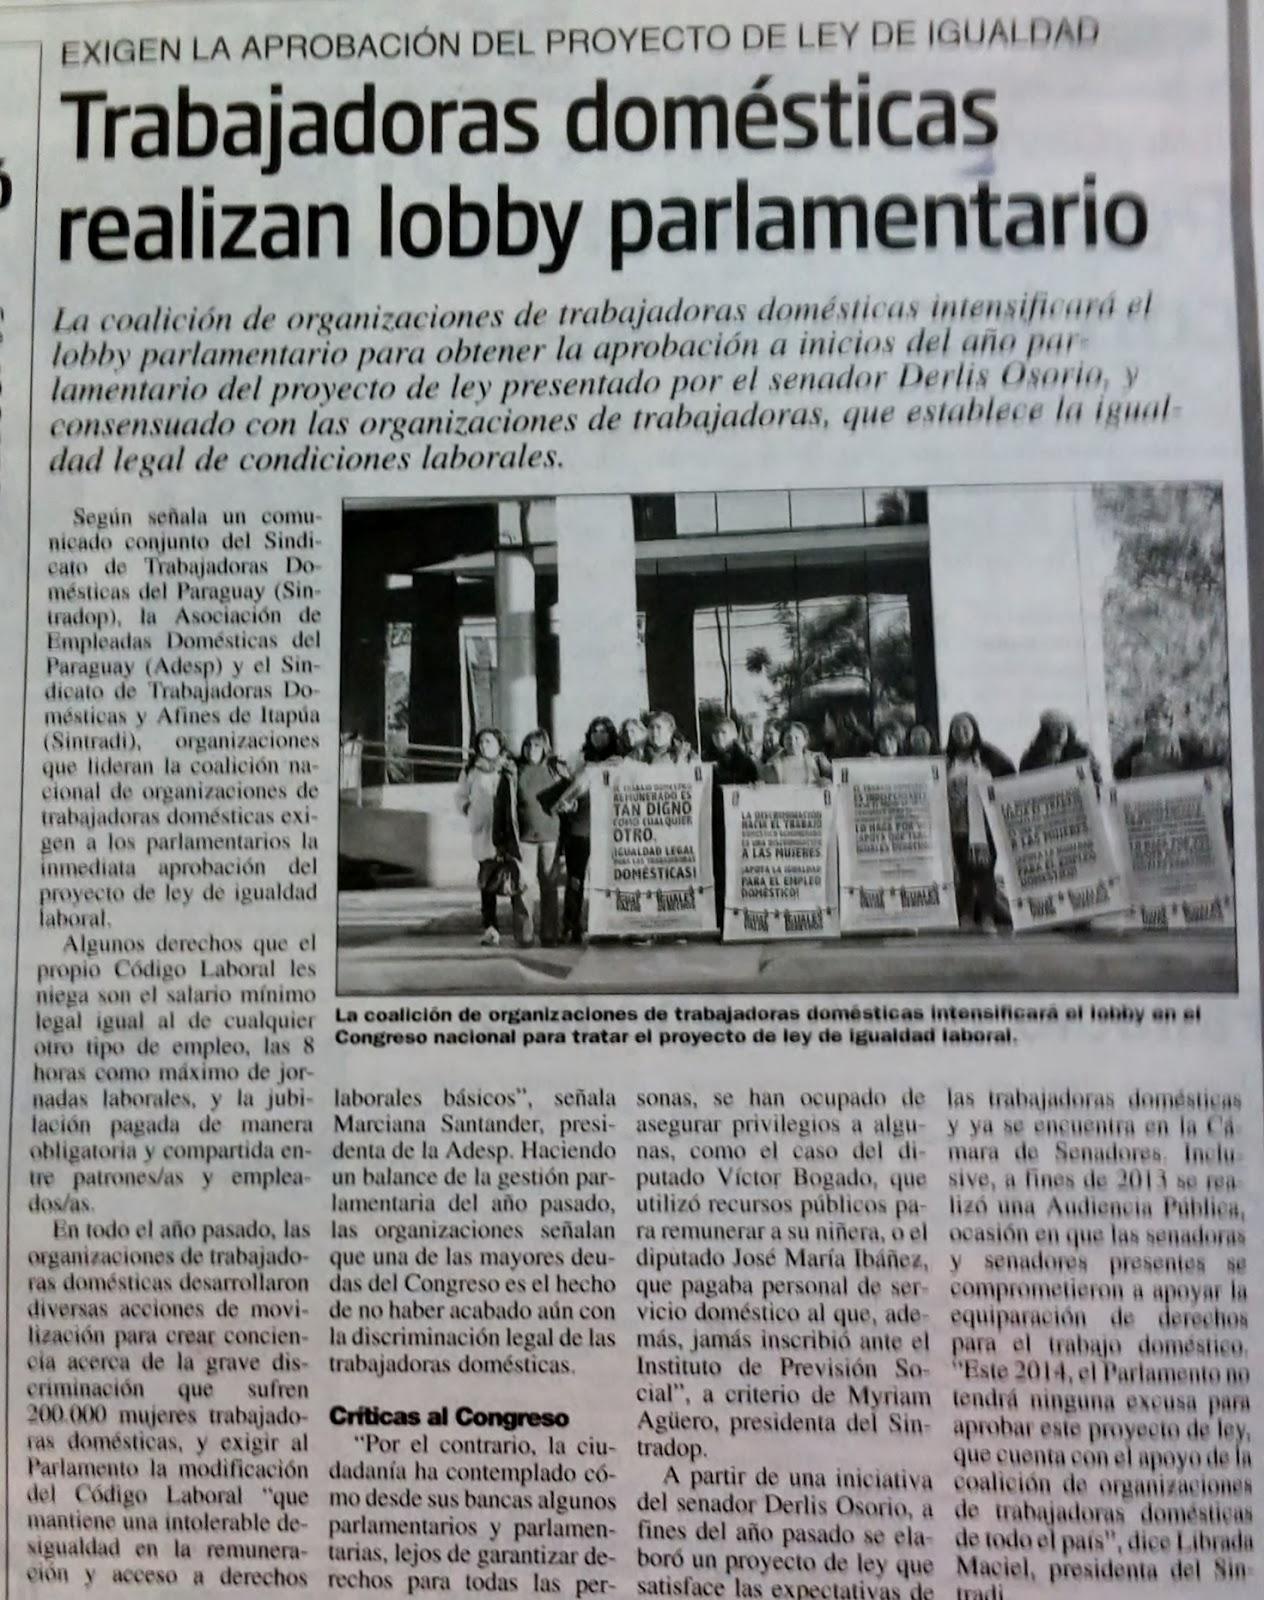 http://www.abc.com.py/edicion-impresa/locales/trabajadoras-domesticas-realizan-lobby-parlamentario-1203213.html